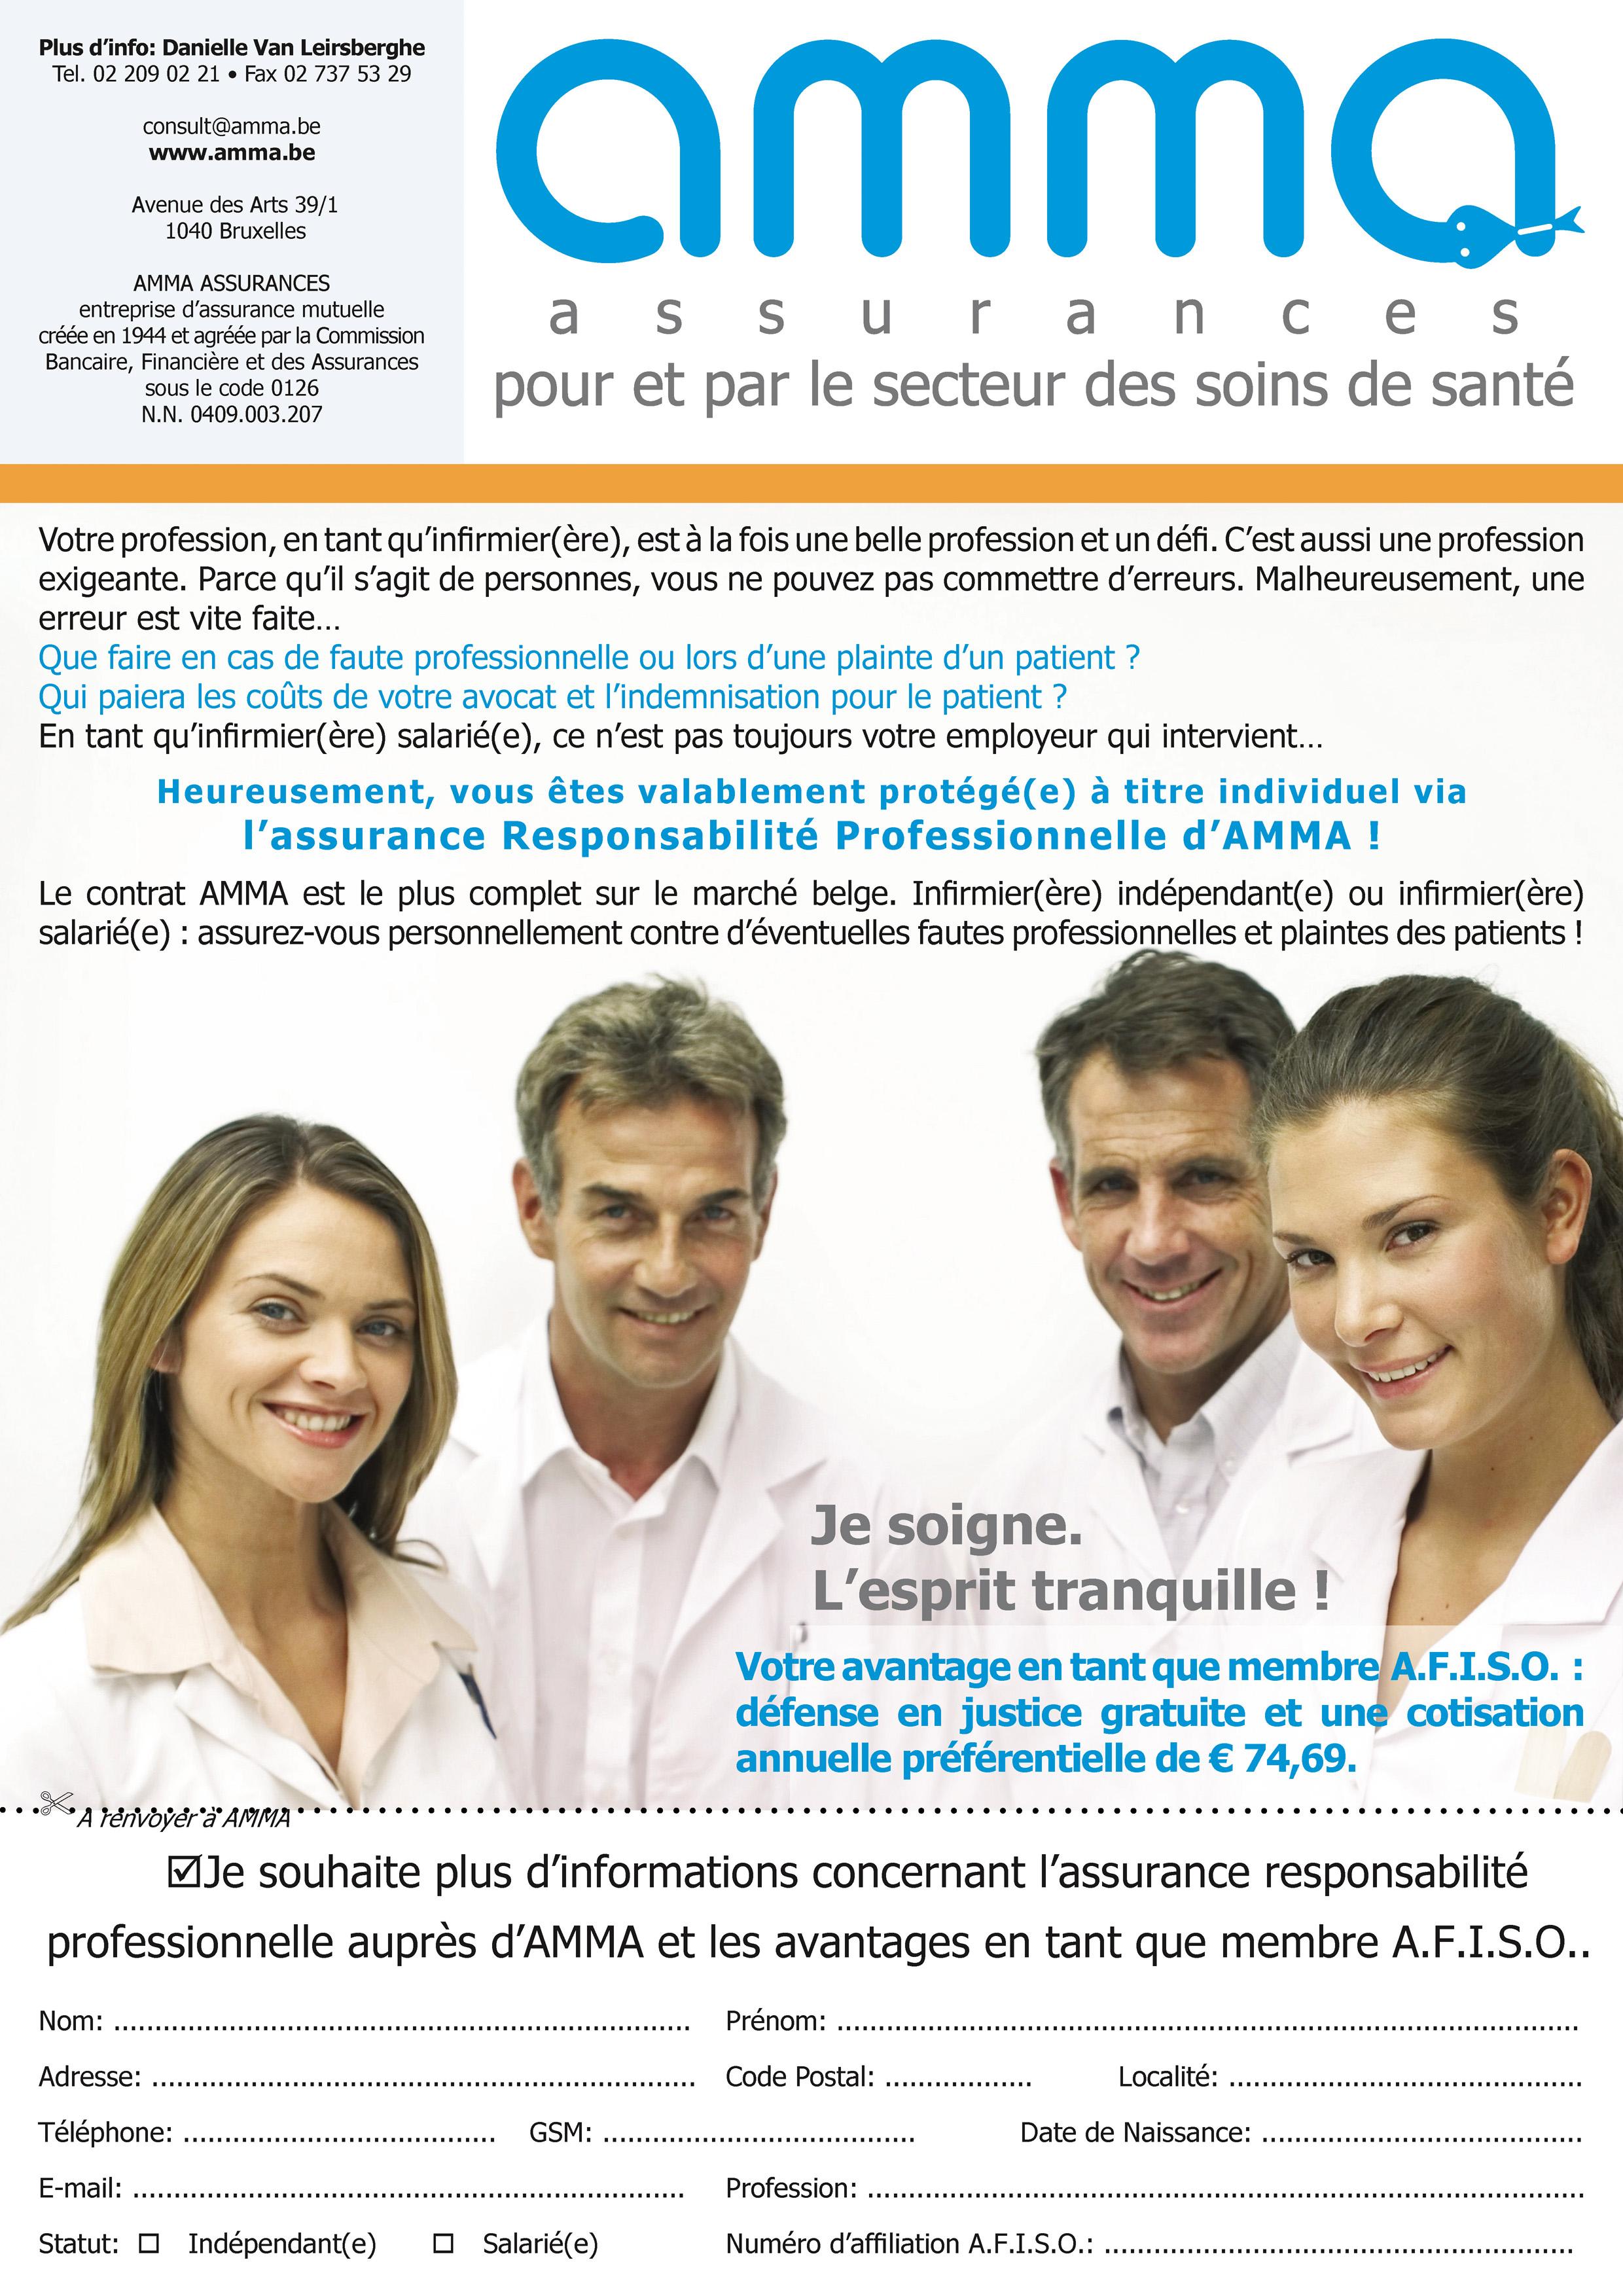 Tarif 2014 reconduit en 2015 : AMMA vous propose une assurance professionnelle avantageuse en tant que membre AFISO avec plus de 50 % de réduction par rapport au tarif normal !